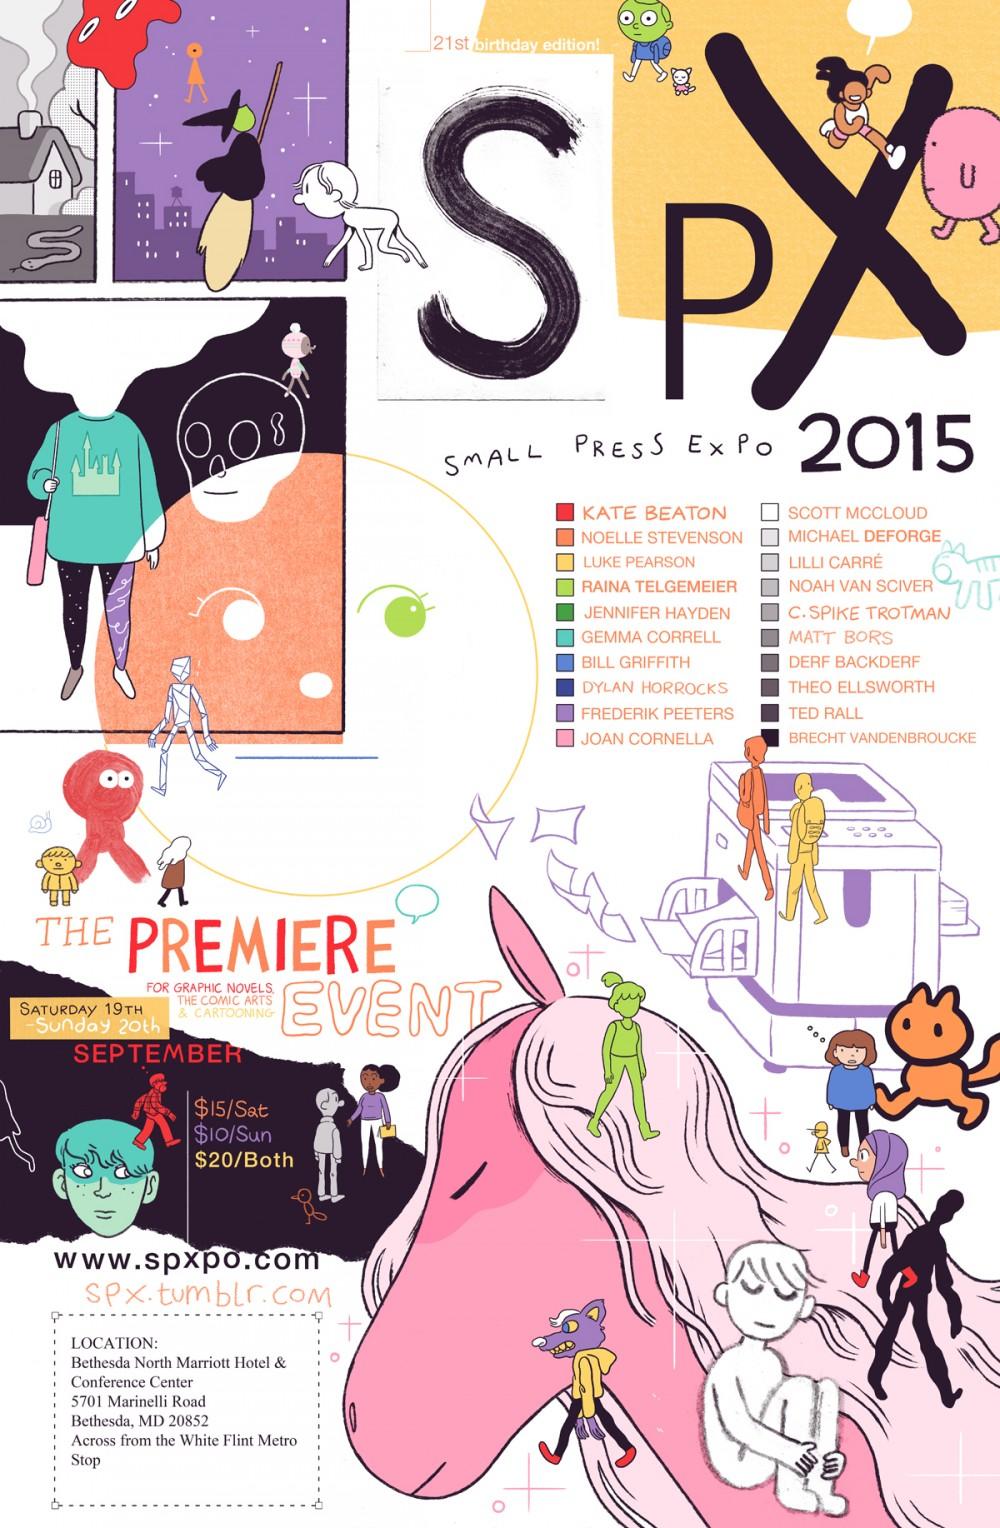 O cartaz de Luke Pearson pra edição de 2015 da Small Press Expo